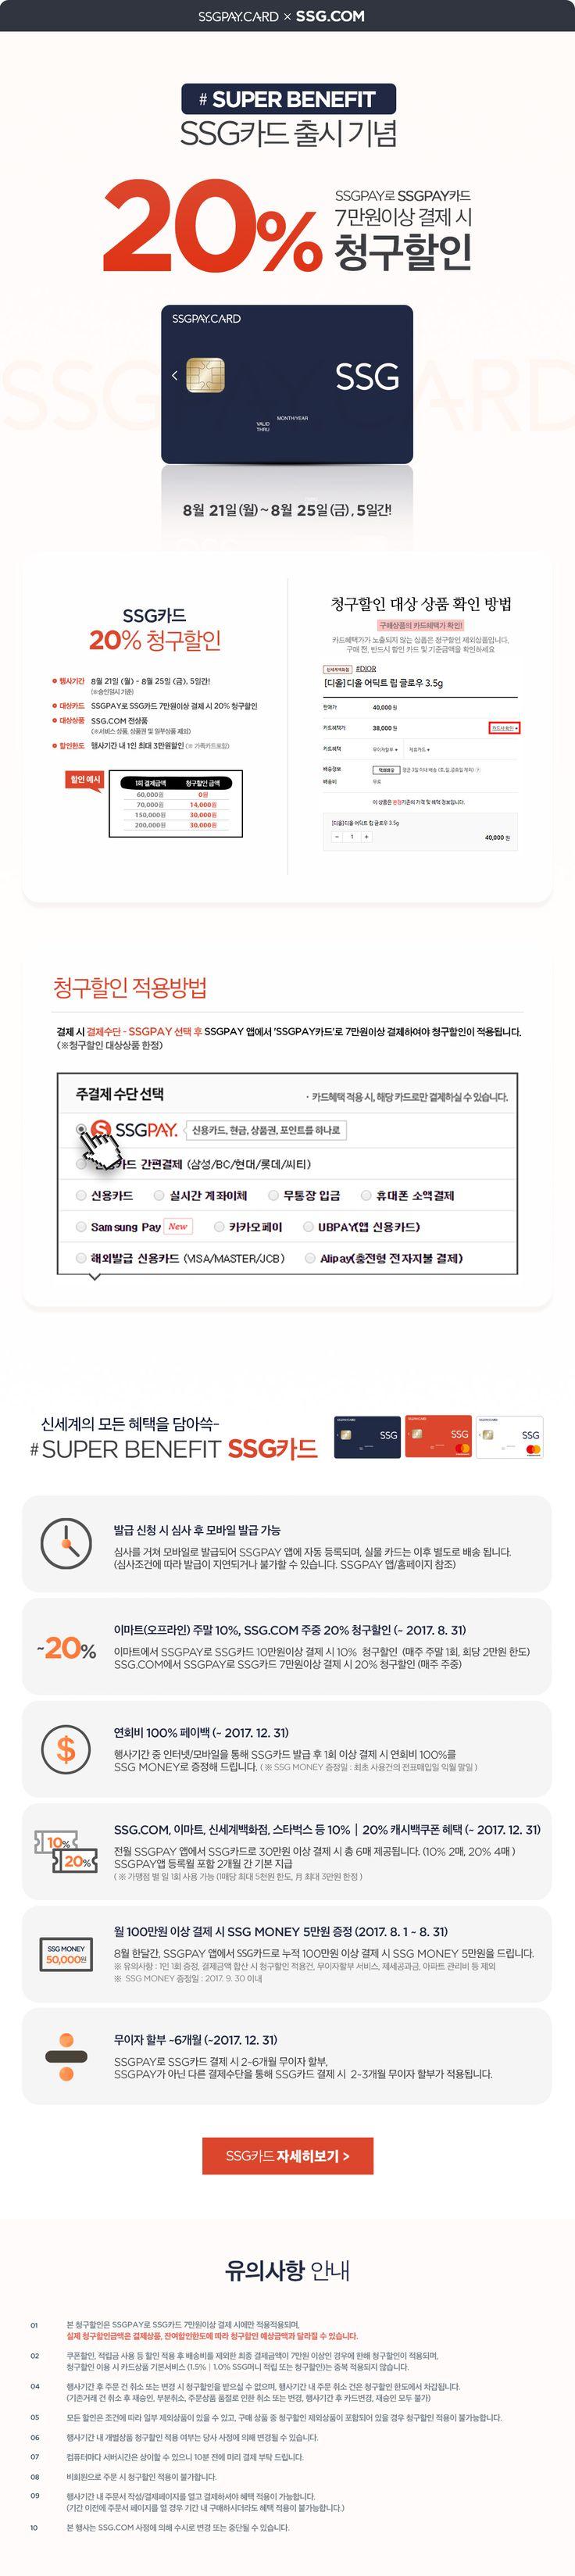 SSG카드 7만원이상 결제 시 20% 청구할인